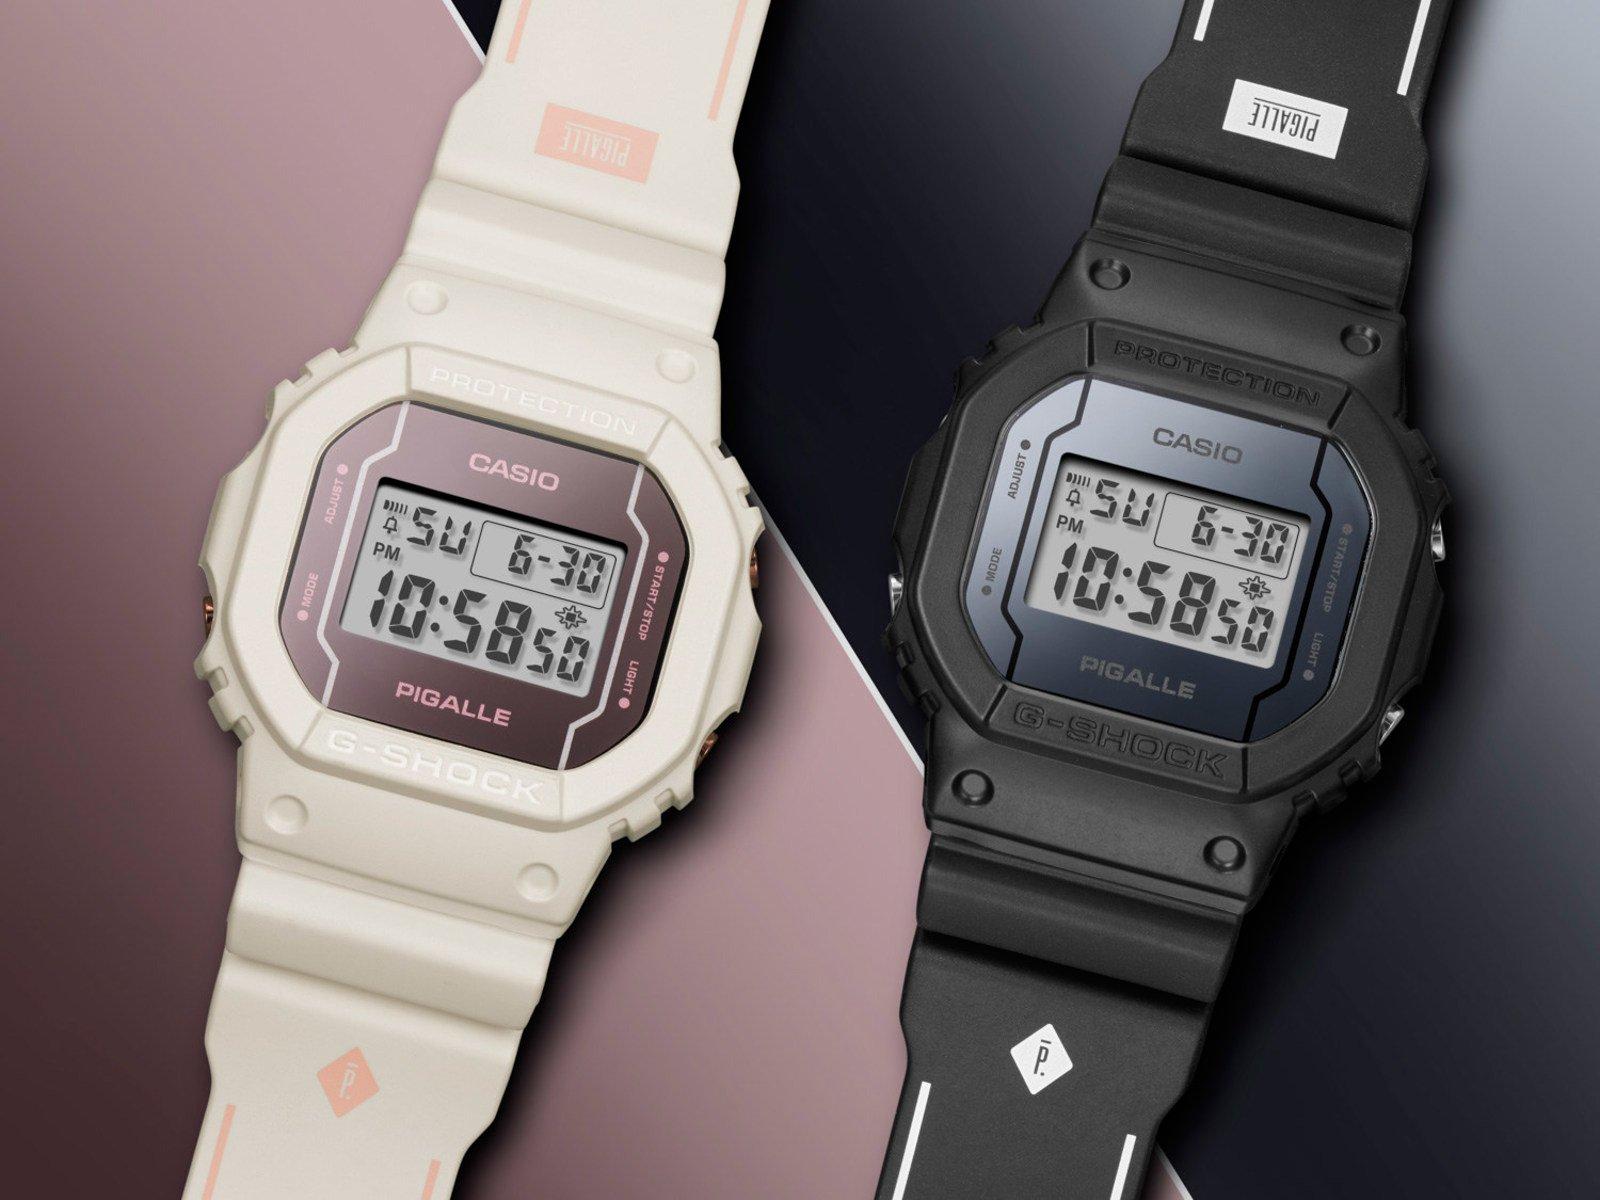 К летнему юбилею casio g-shock представили две дизайнерские версии легендарных часов d лимитированная серия разработана совместно с французским брендом уличной одежды pigalle и включает черные dwpgb-1e и кремовые dwpgw-7e.